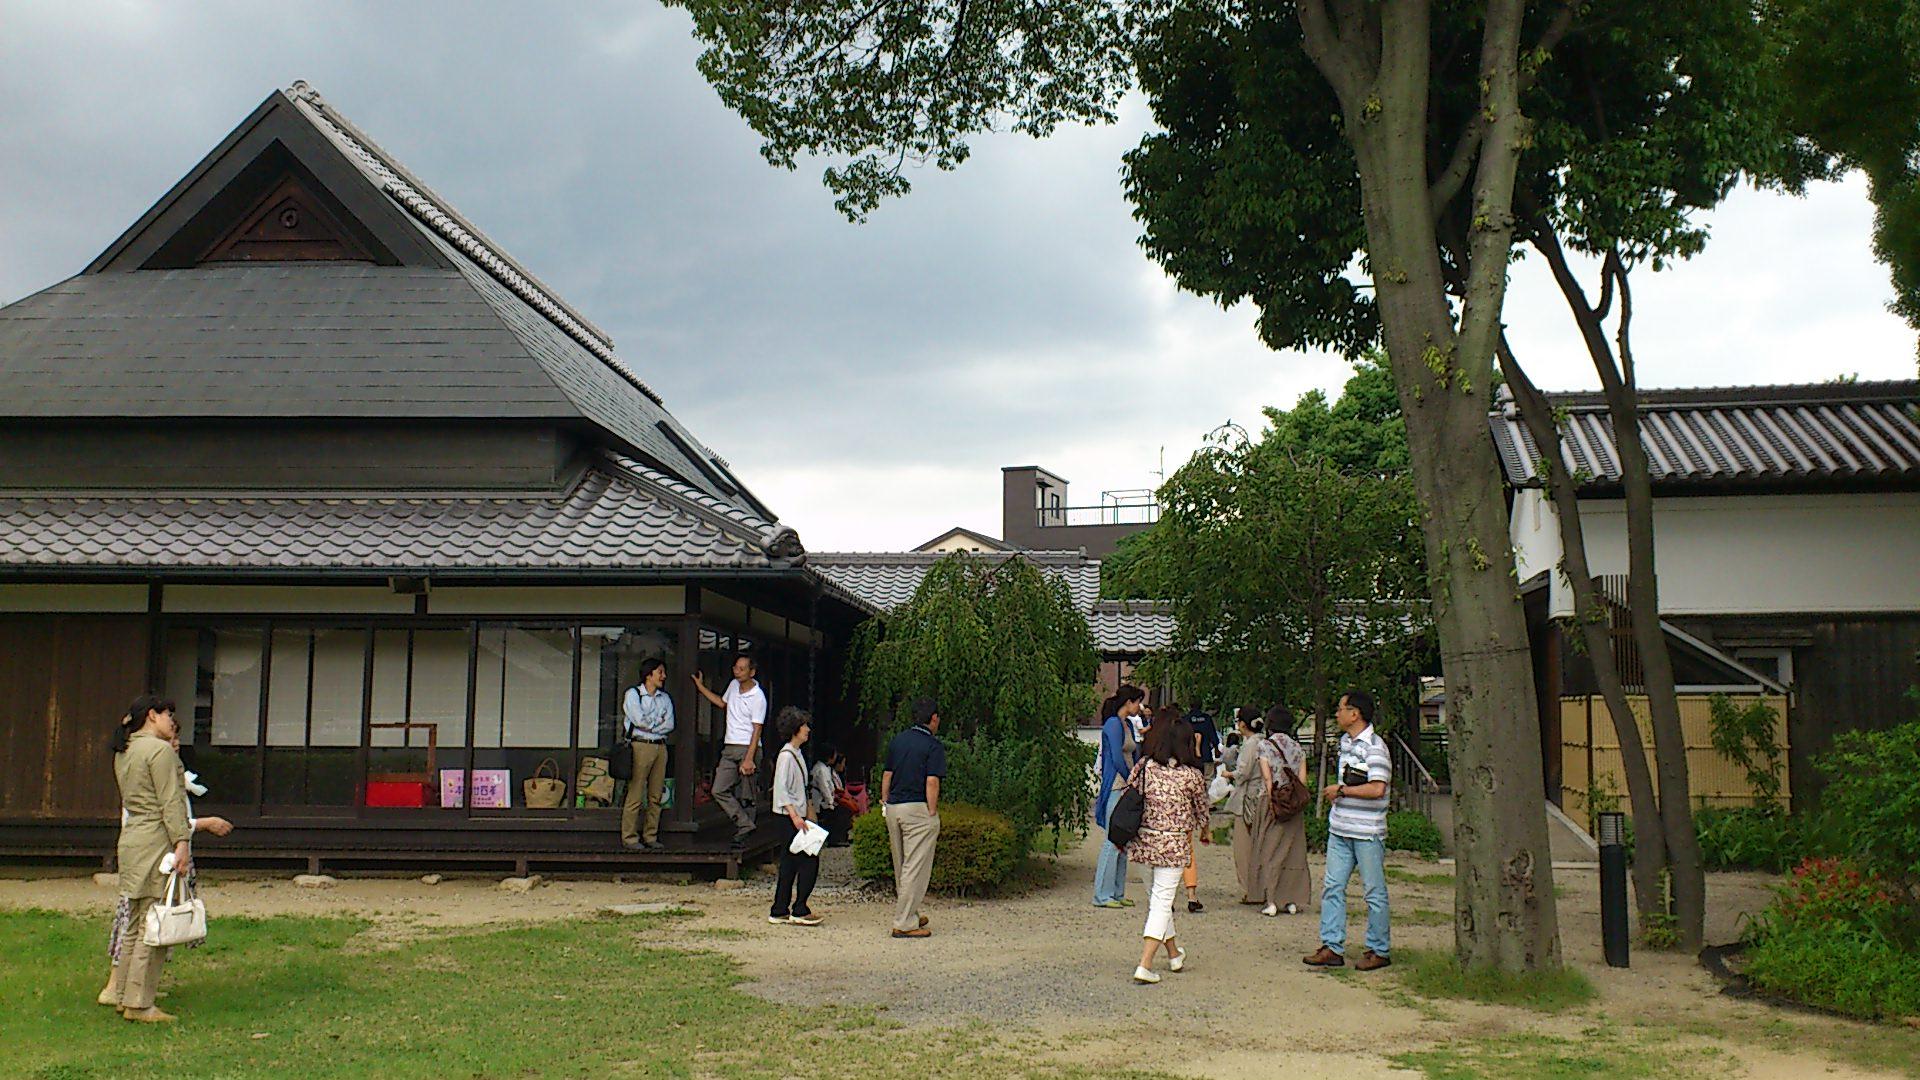 吹田市の浜屋敷で紙芝居浄瑠璃を拝聴してきました。